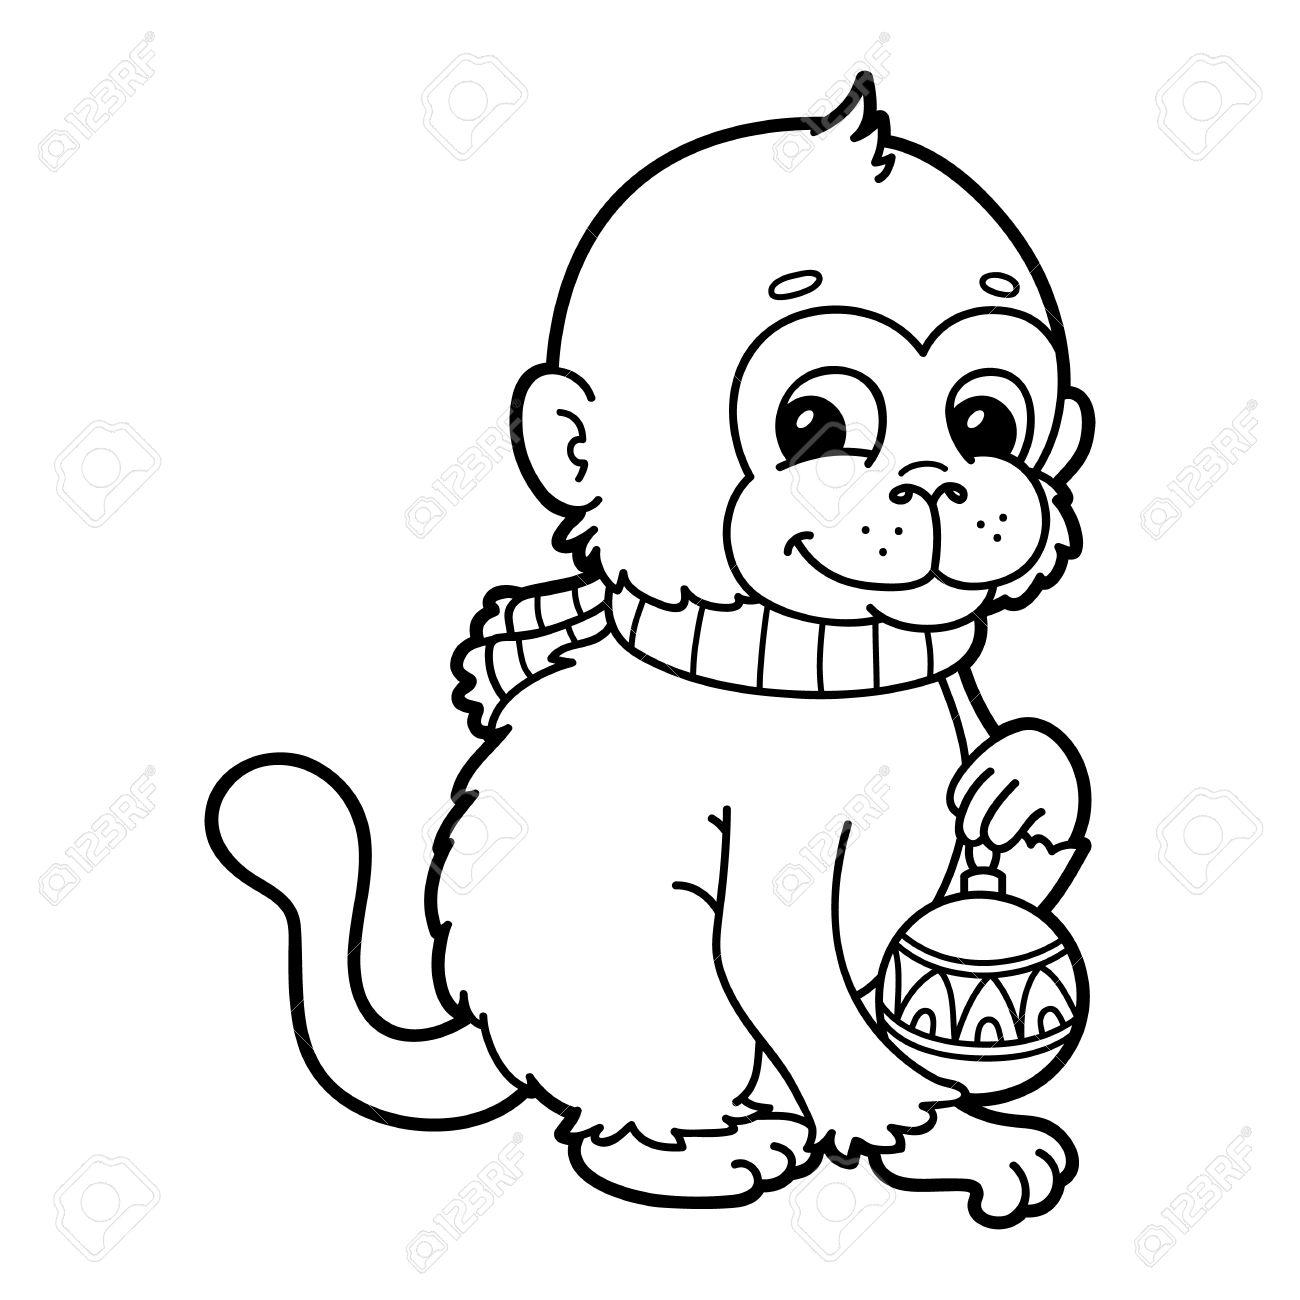 Lustigen Affen. Vektor-Illustration Malvorlagen Glückliche Cartoon ...